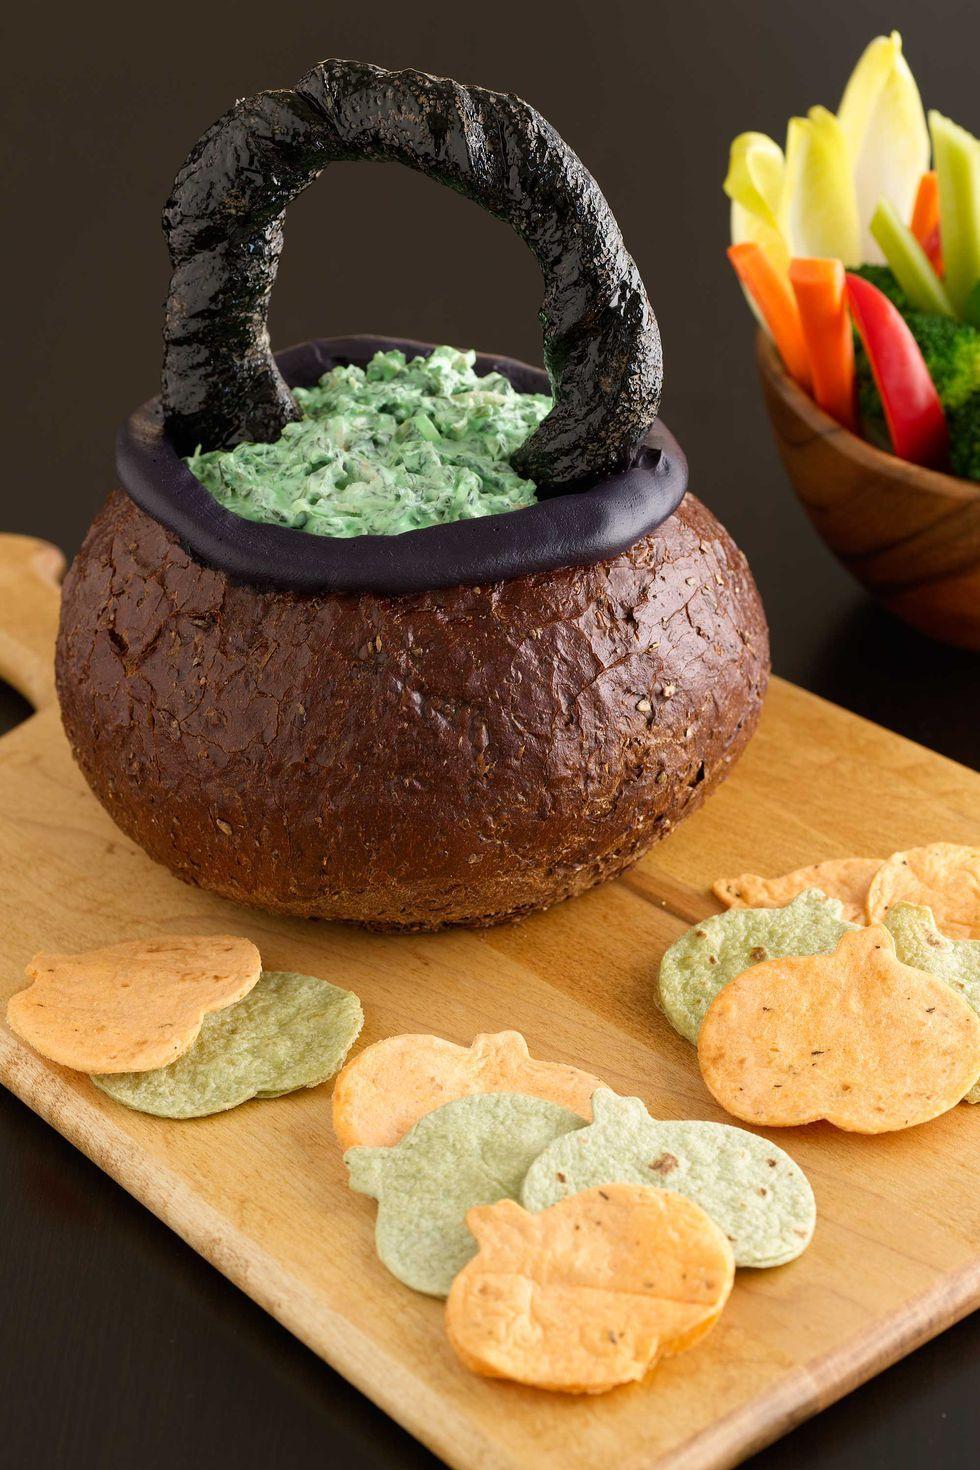 Spinach Dip in Bread Bowl Cauldron